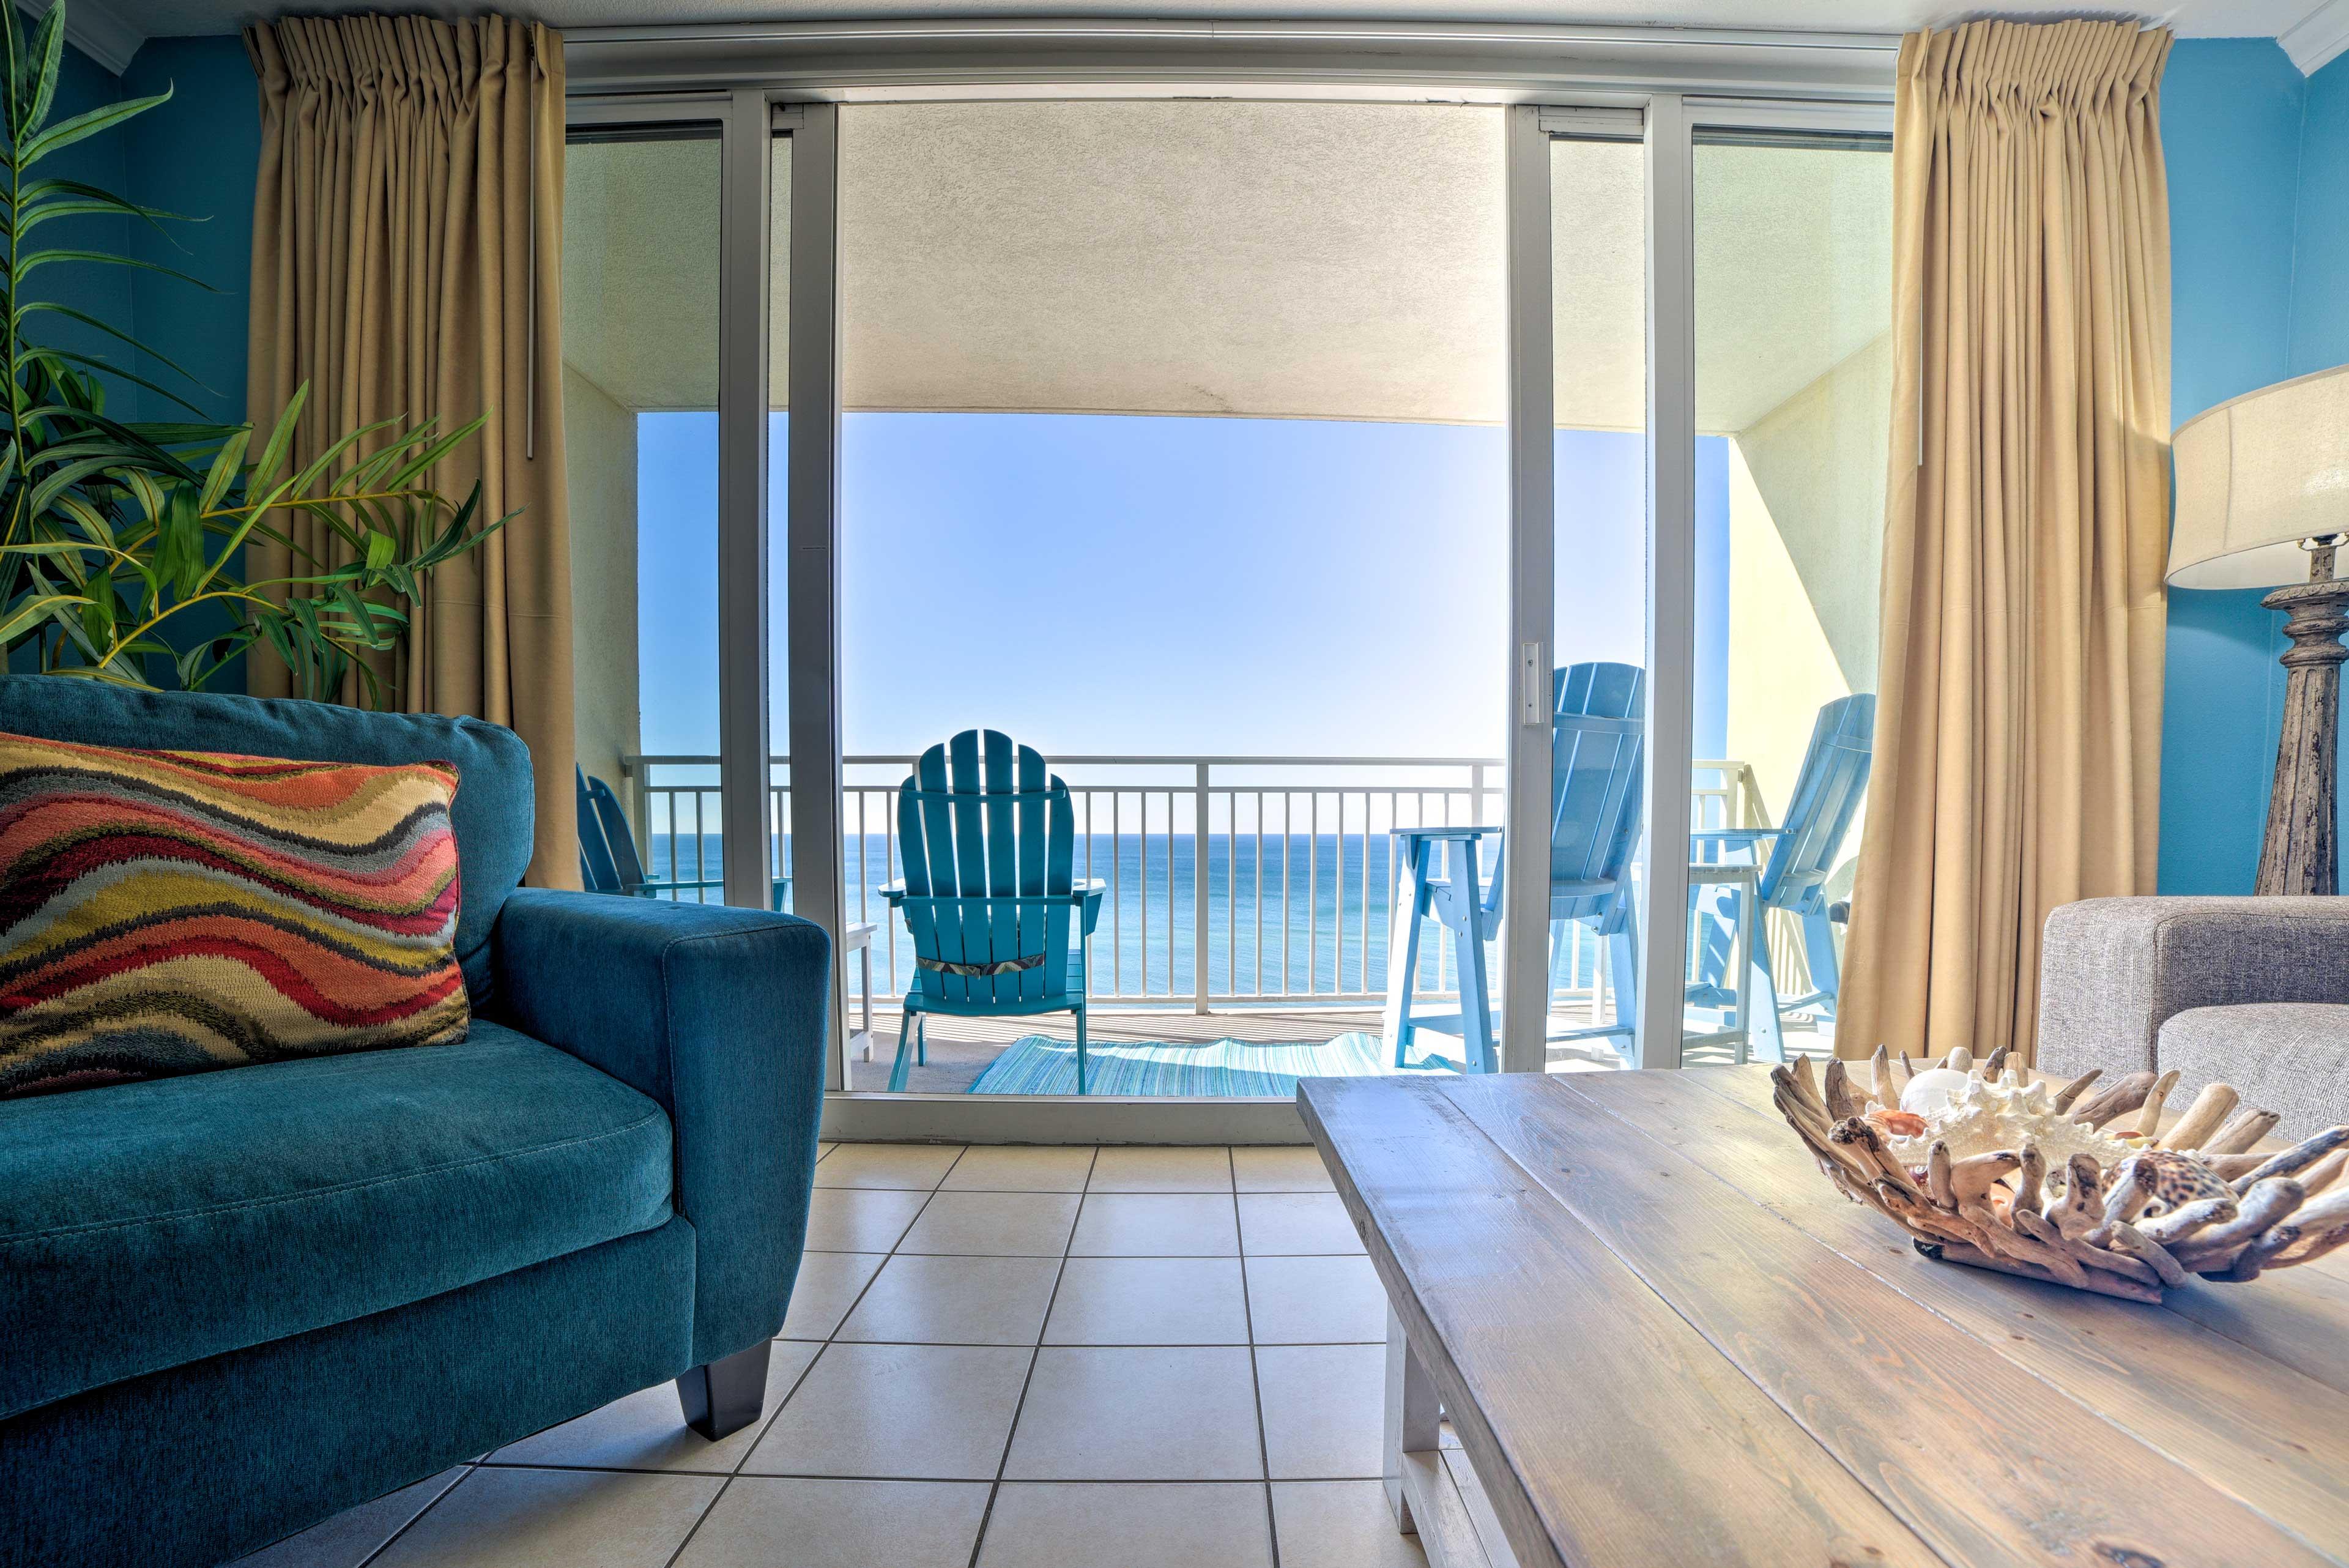 Living Room | Balcony Access